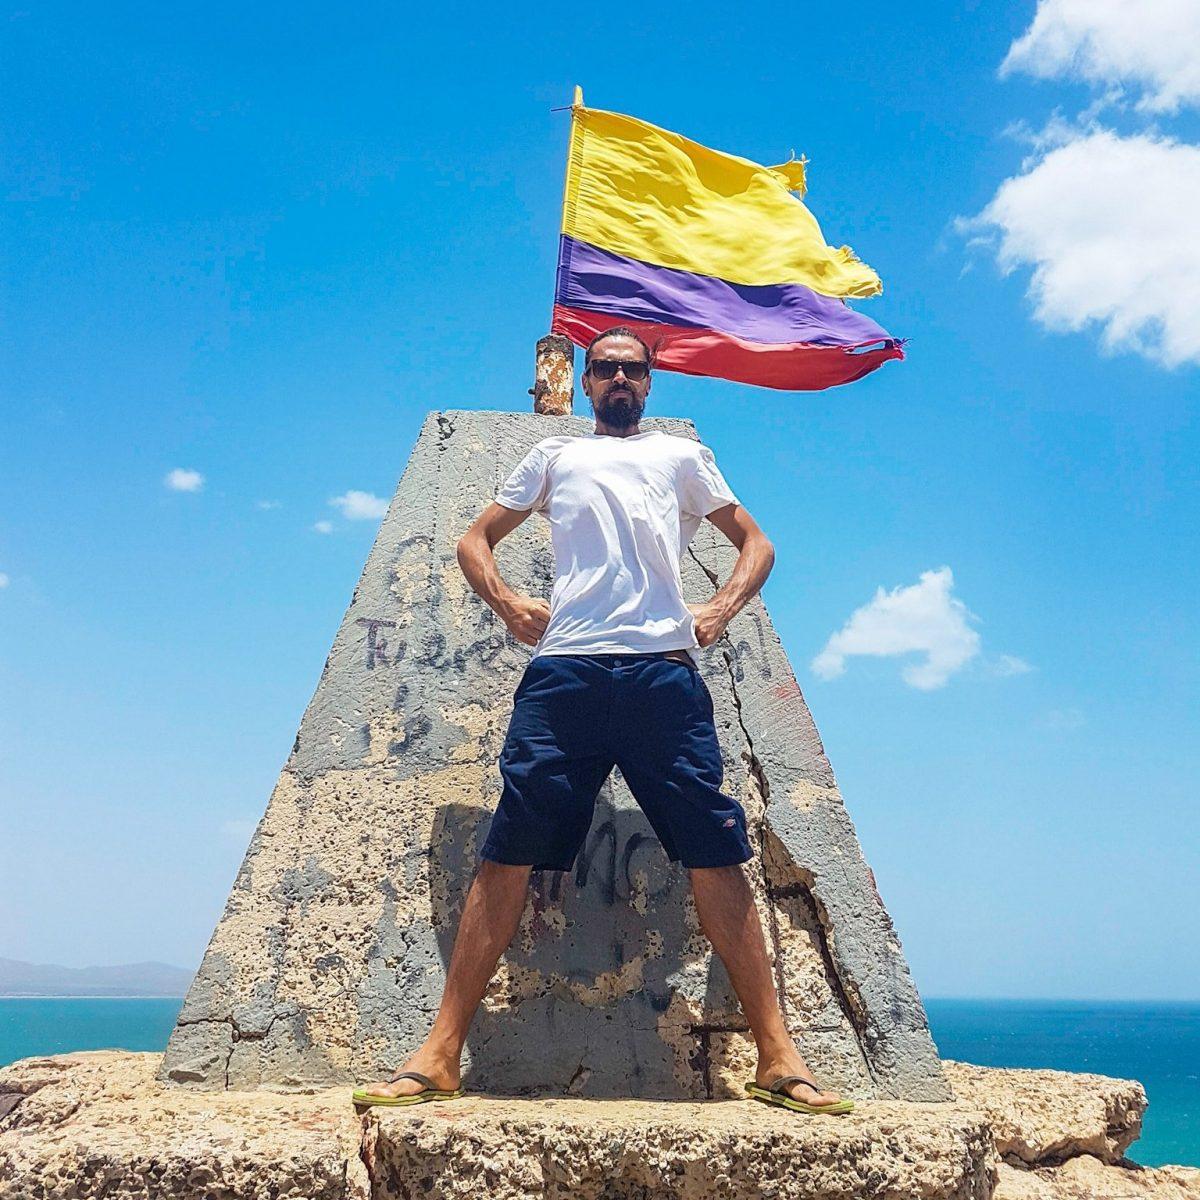 """<img src=""""data:image/gif;base64,R0lGODdhAQABAPAAAP///wAAACwAAAAAAQABAEACAkQBADs="""" data-lazy-src=""""images/"""" width=""""800"""" height=""""600"""" alt=""""la guajira - wp image 1760075566 - Colombia: La Guajira, Wayuu Should Go"""">"""